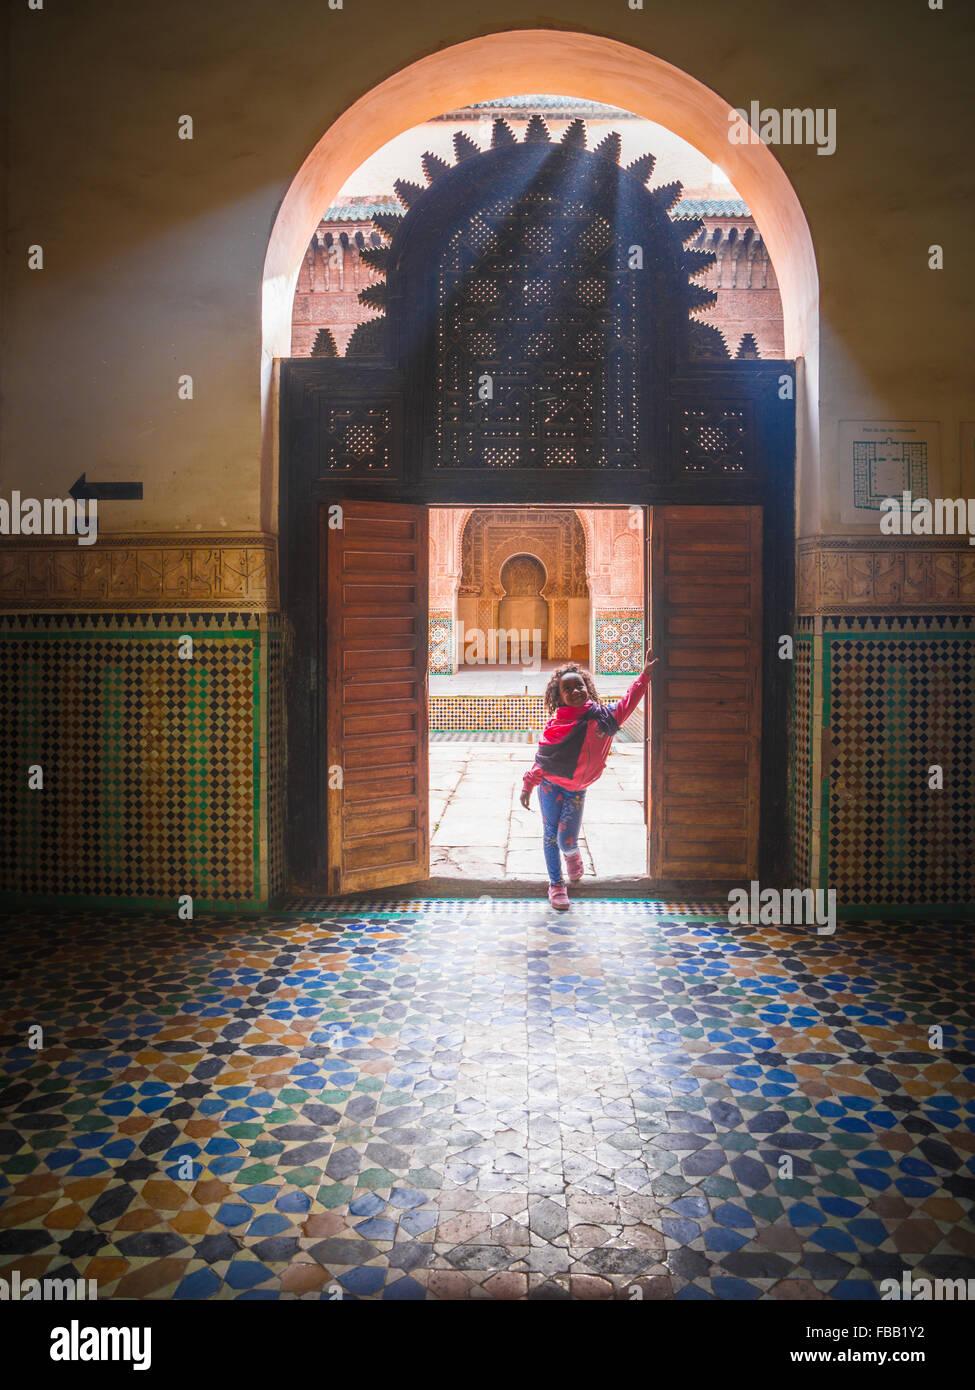 Ein kleiner Sonnenstrahl Medersa Ben Youssef, Marrakesch Marokko Stockbild